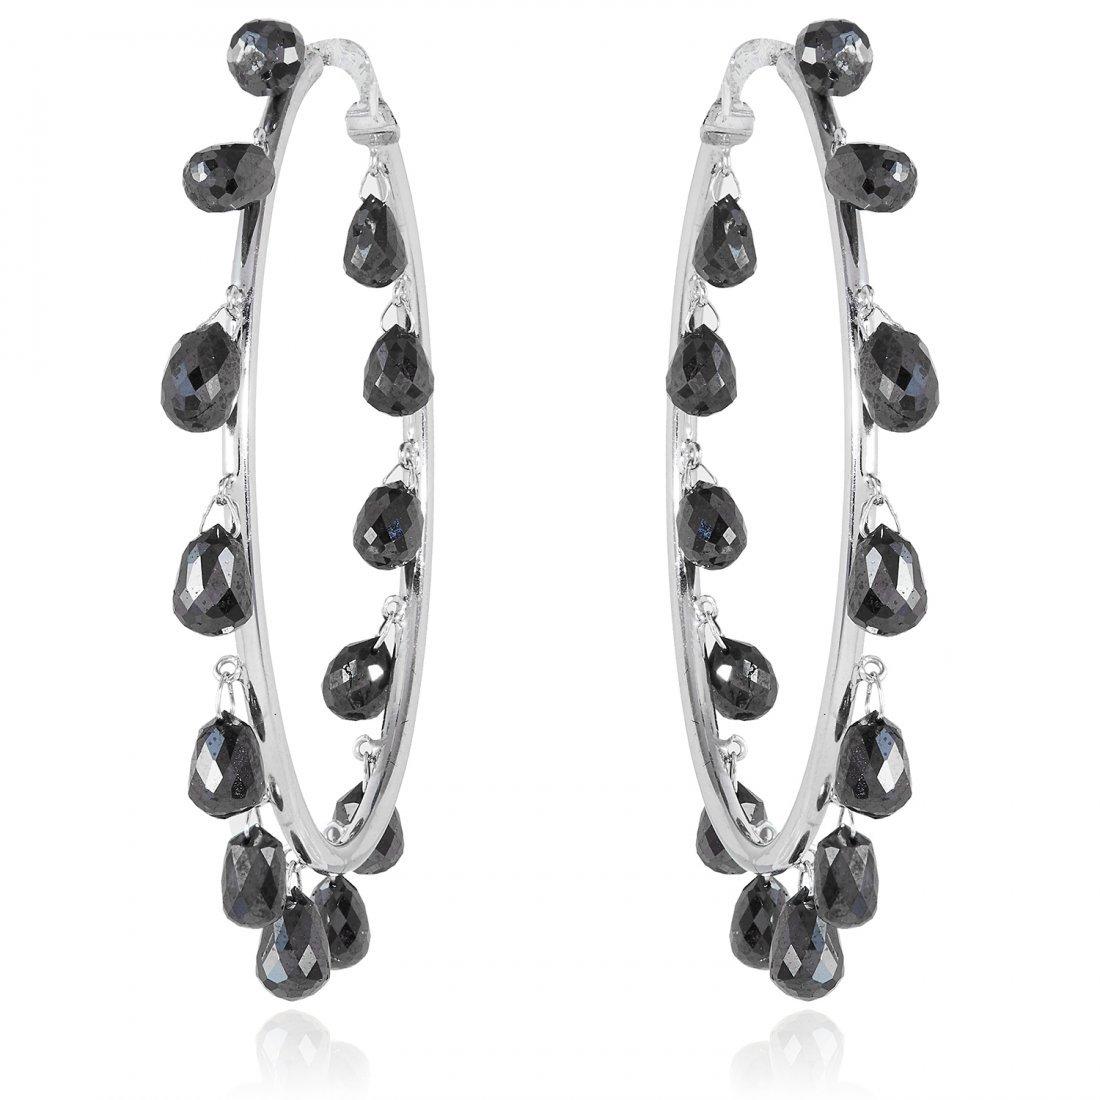 A PAIR OF 14.5 CARAT FANCY BLACK DIAMOND HOOP EARRINGS